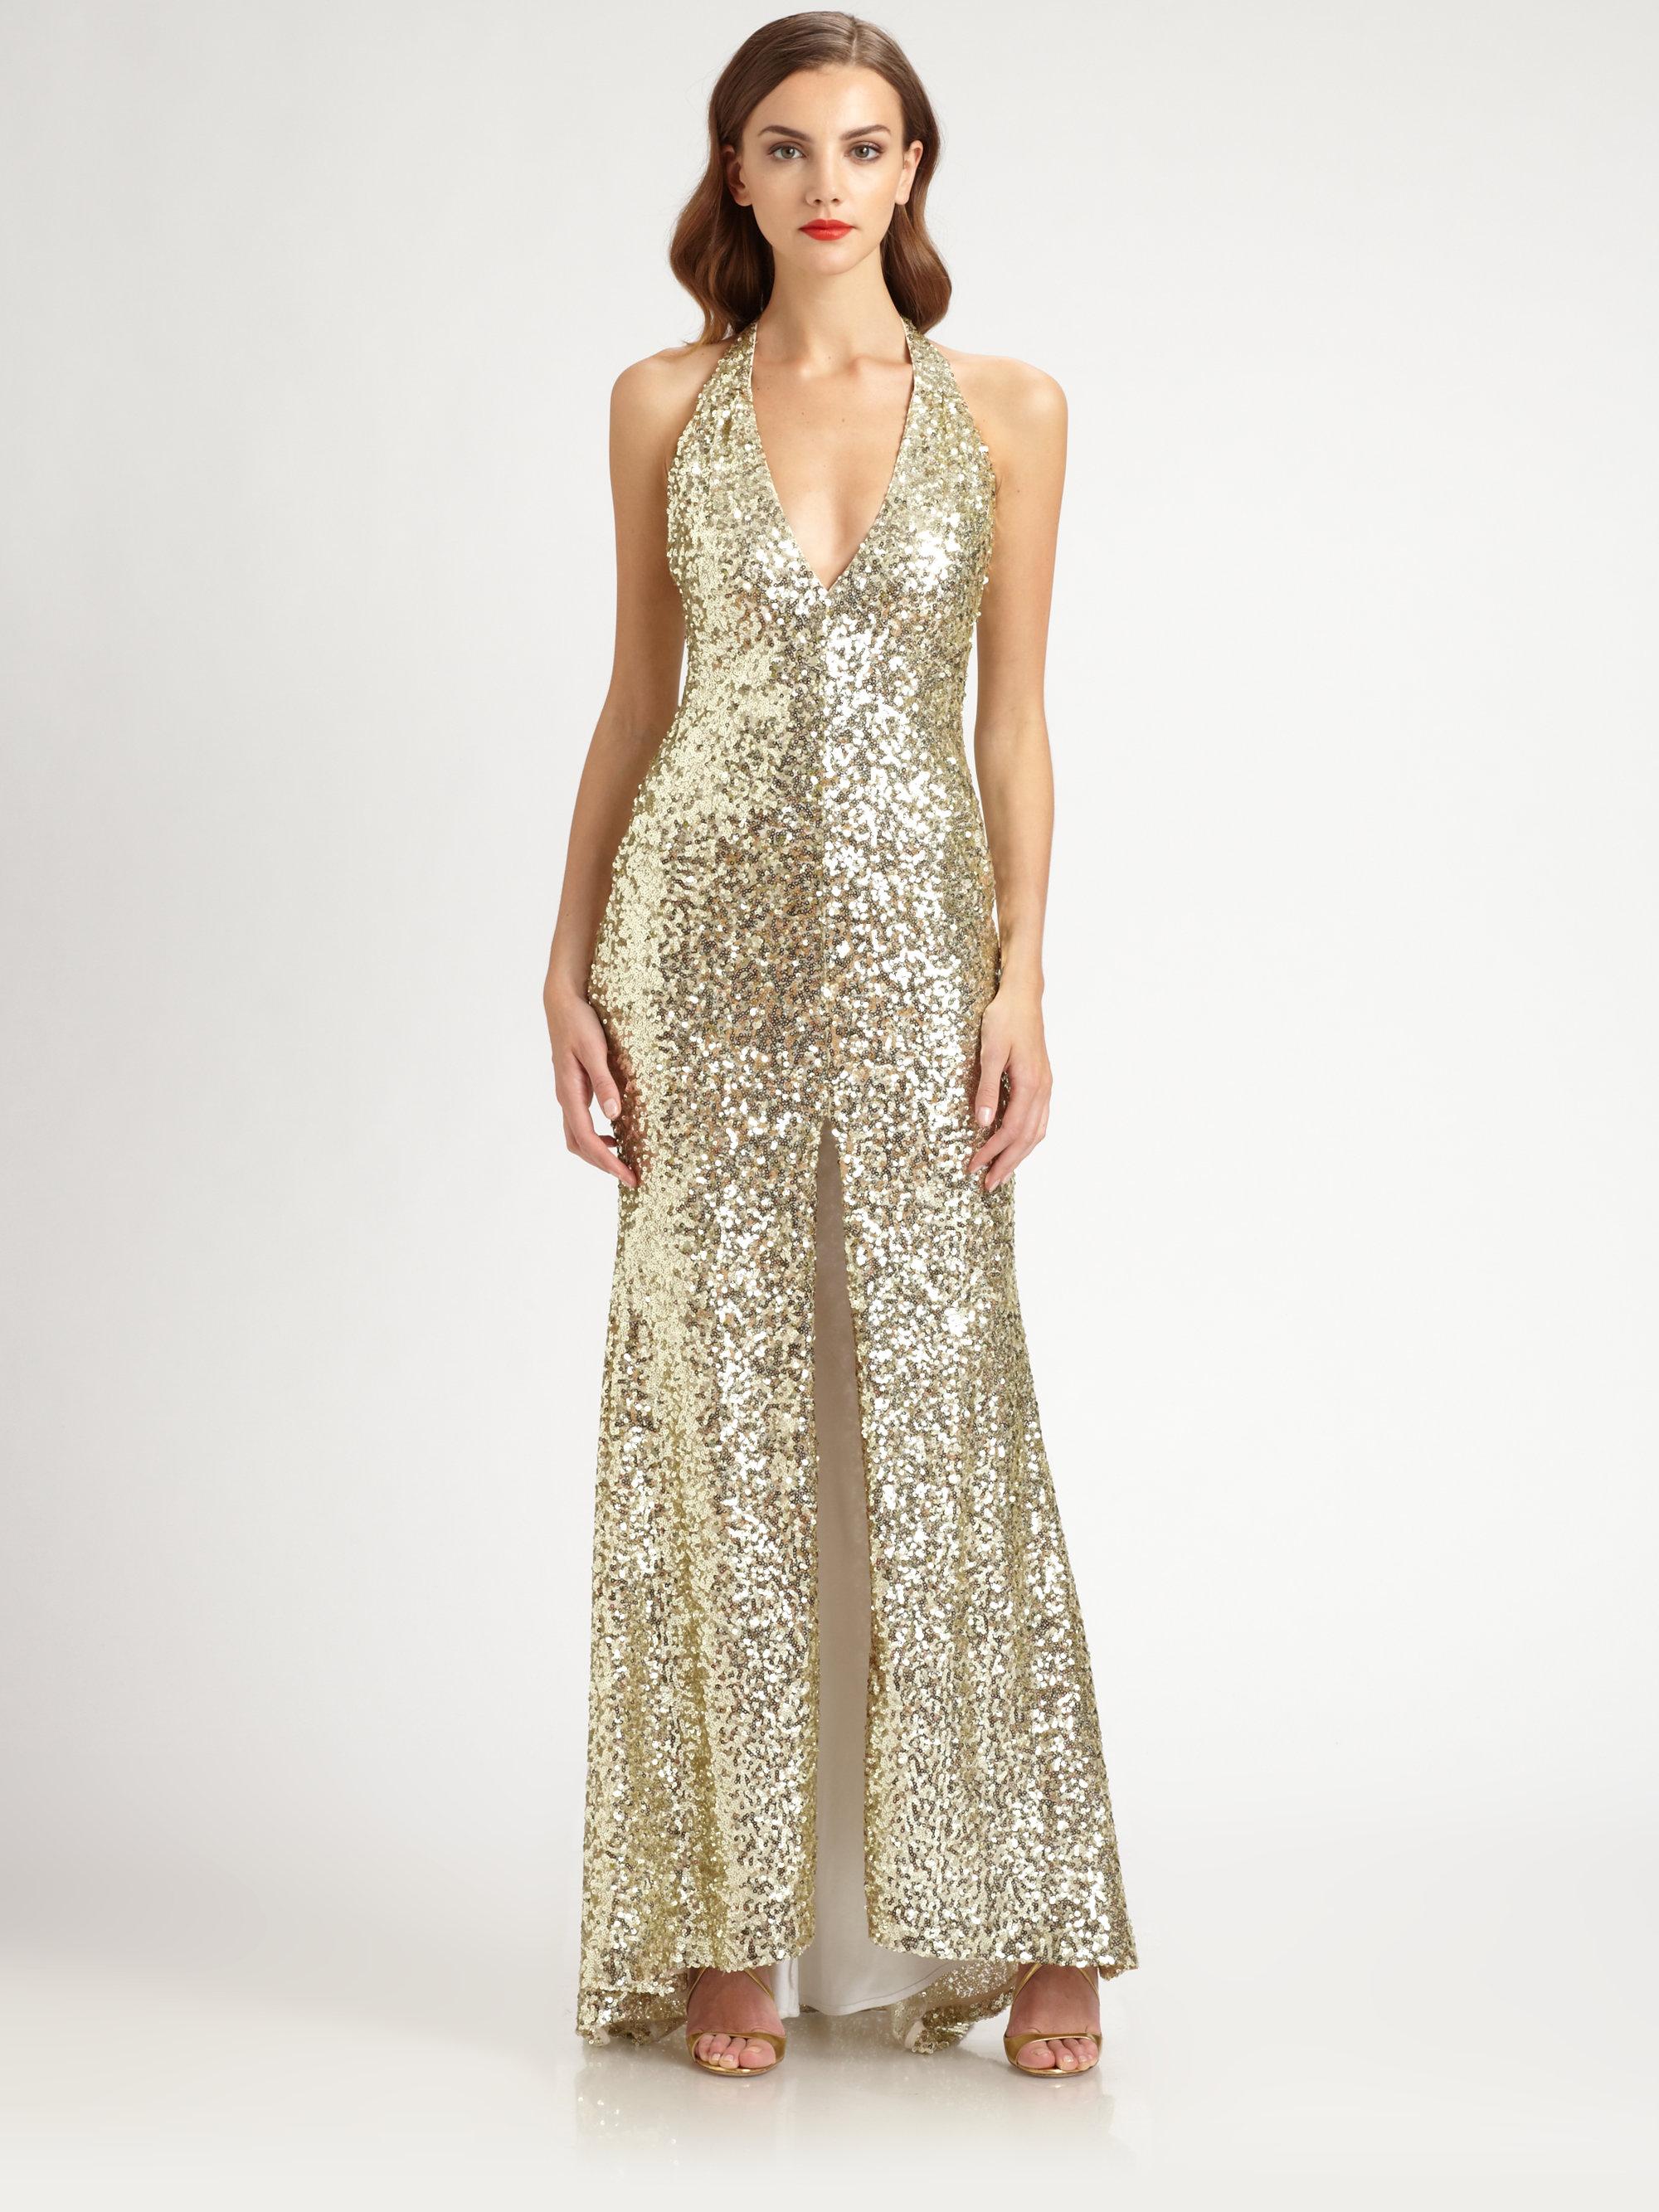 Lyst Badgley Mischka Sequined Halter Gown In Metallic